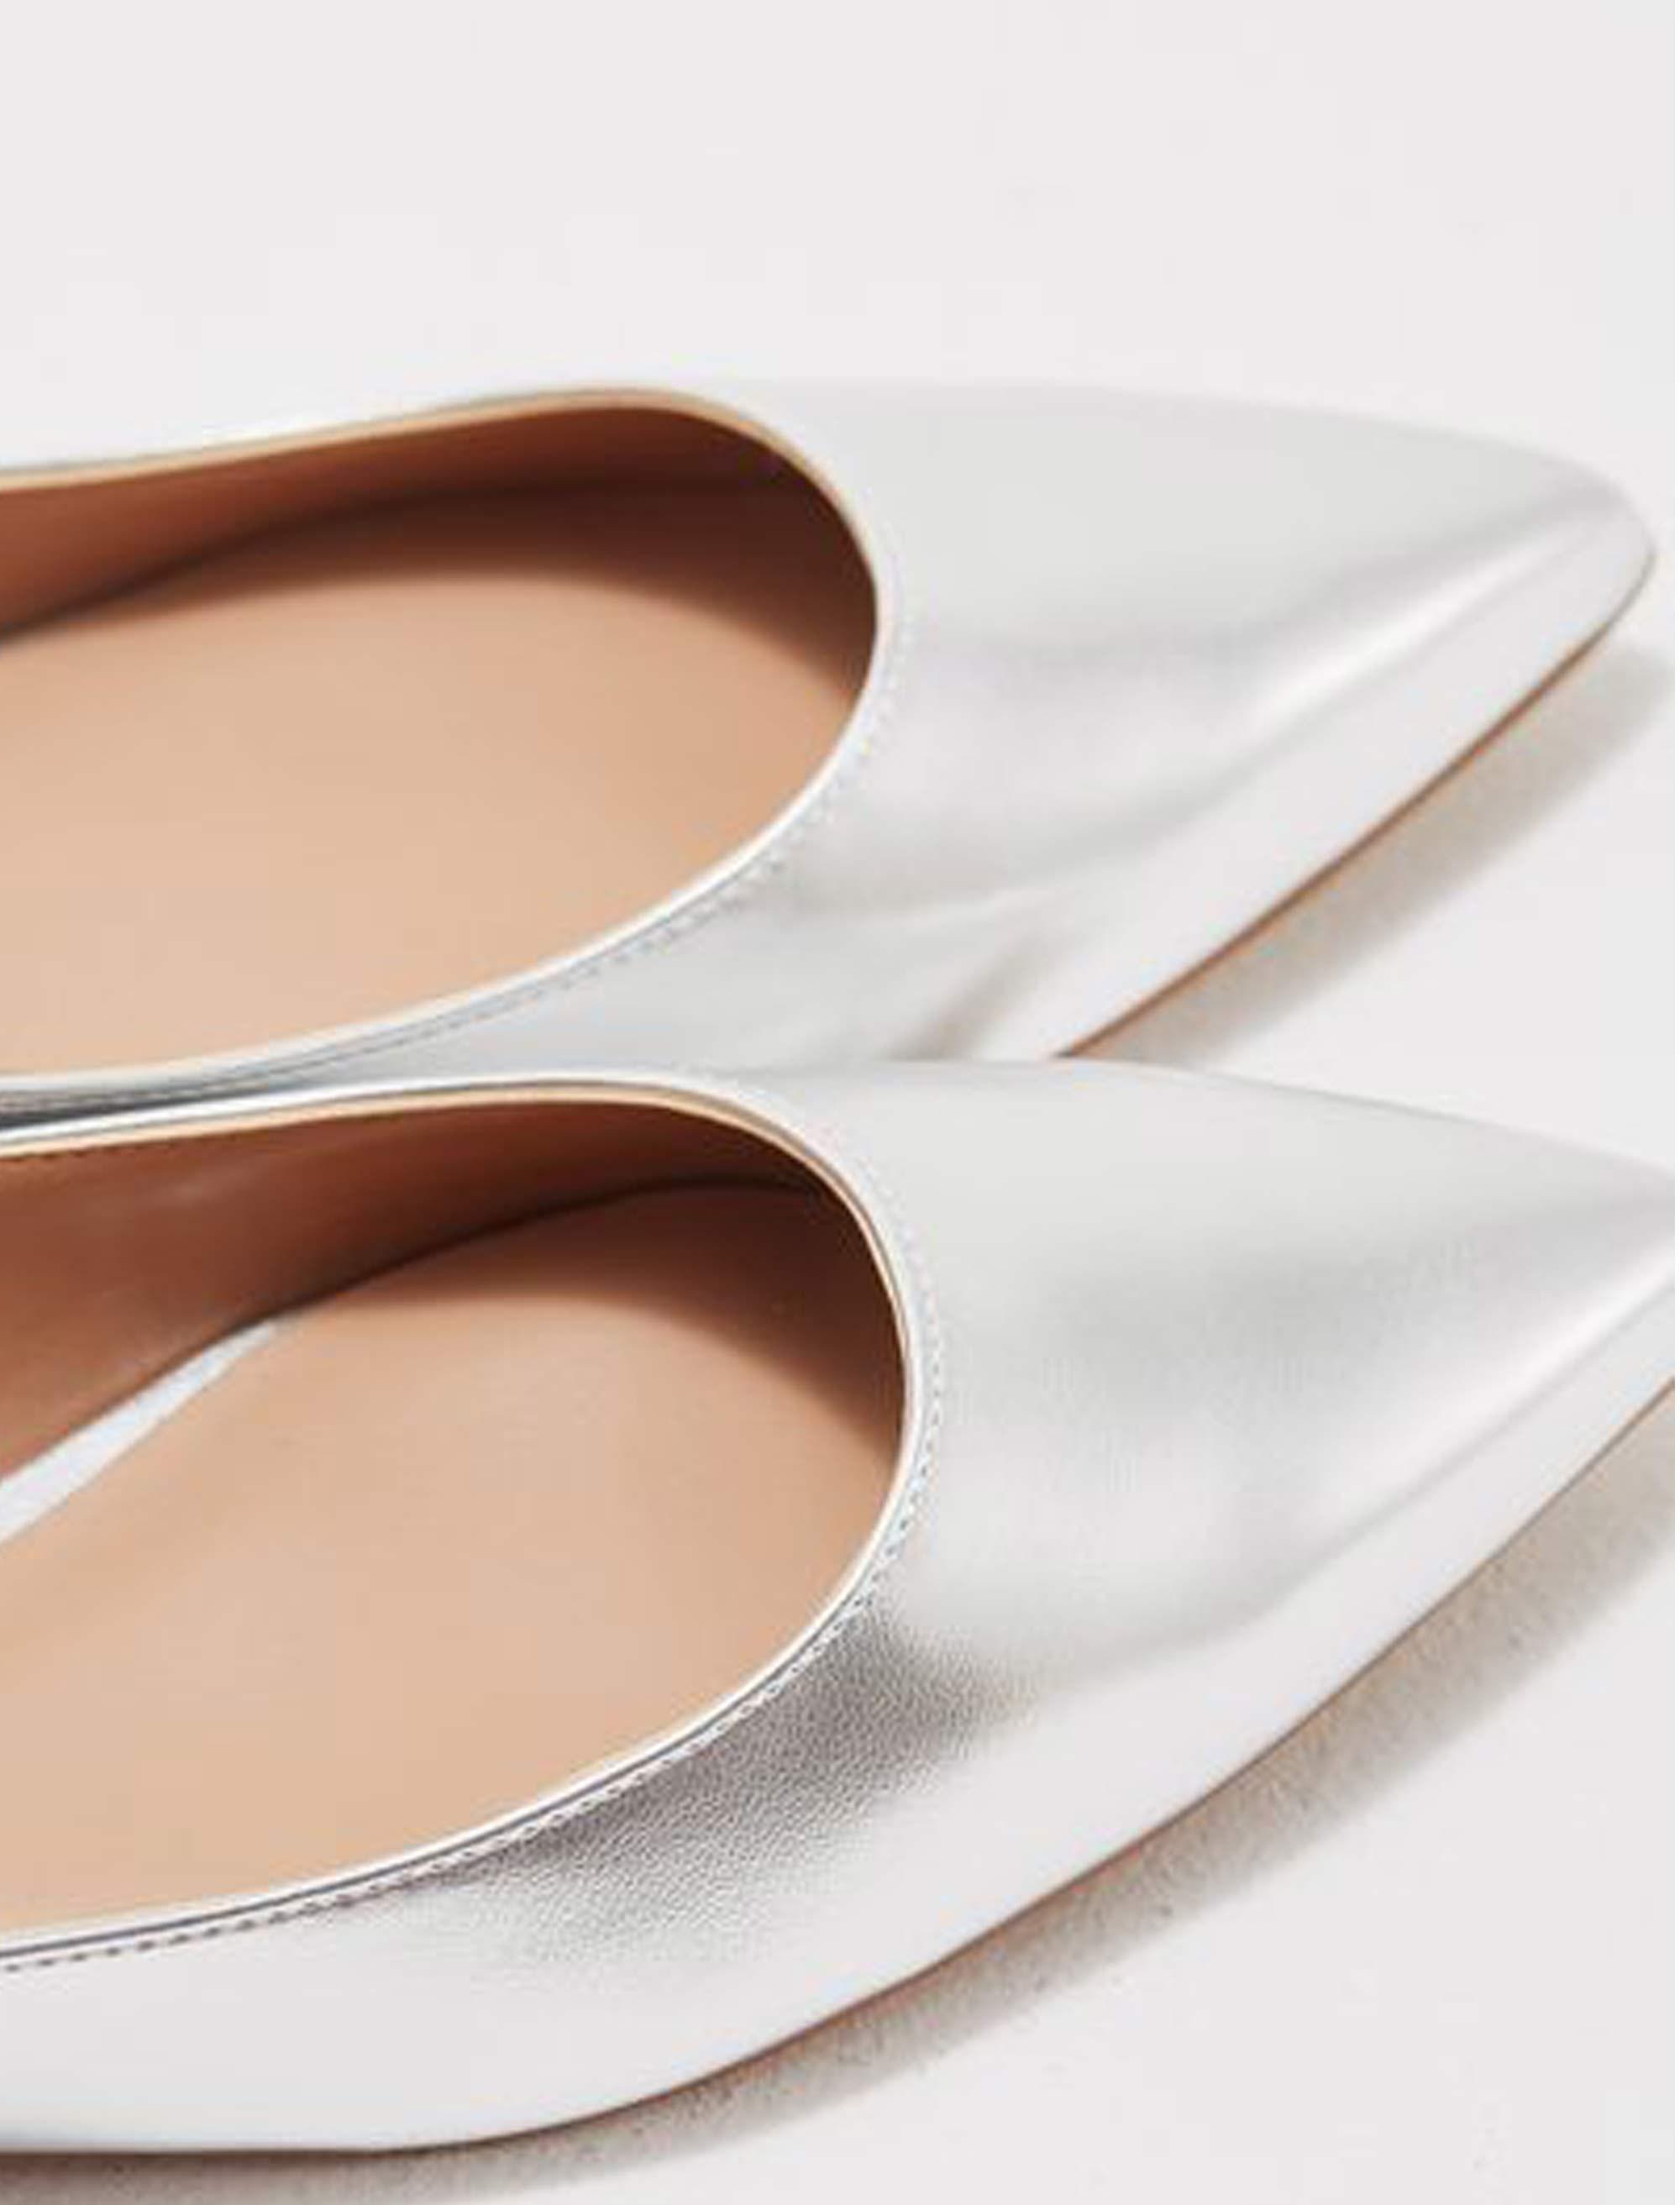 کفش تخت زنانه ویولتا بای مانگو Fani - نقرهاي - 4